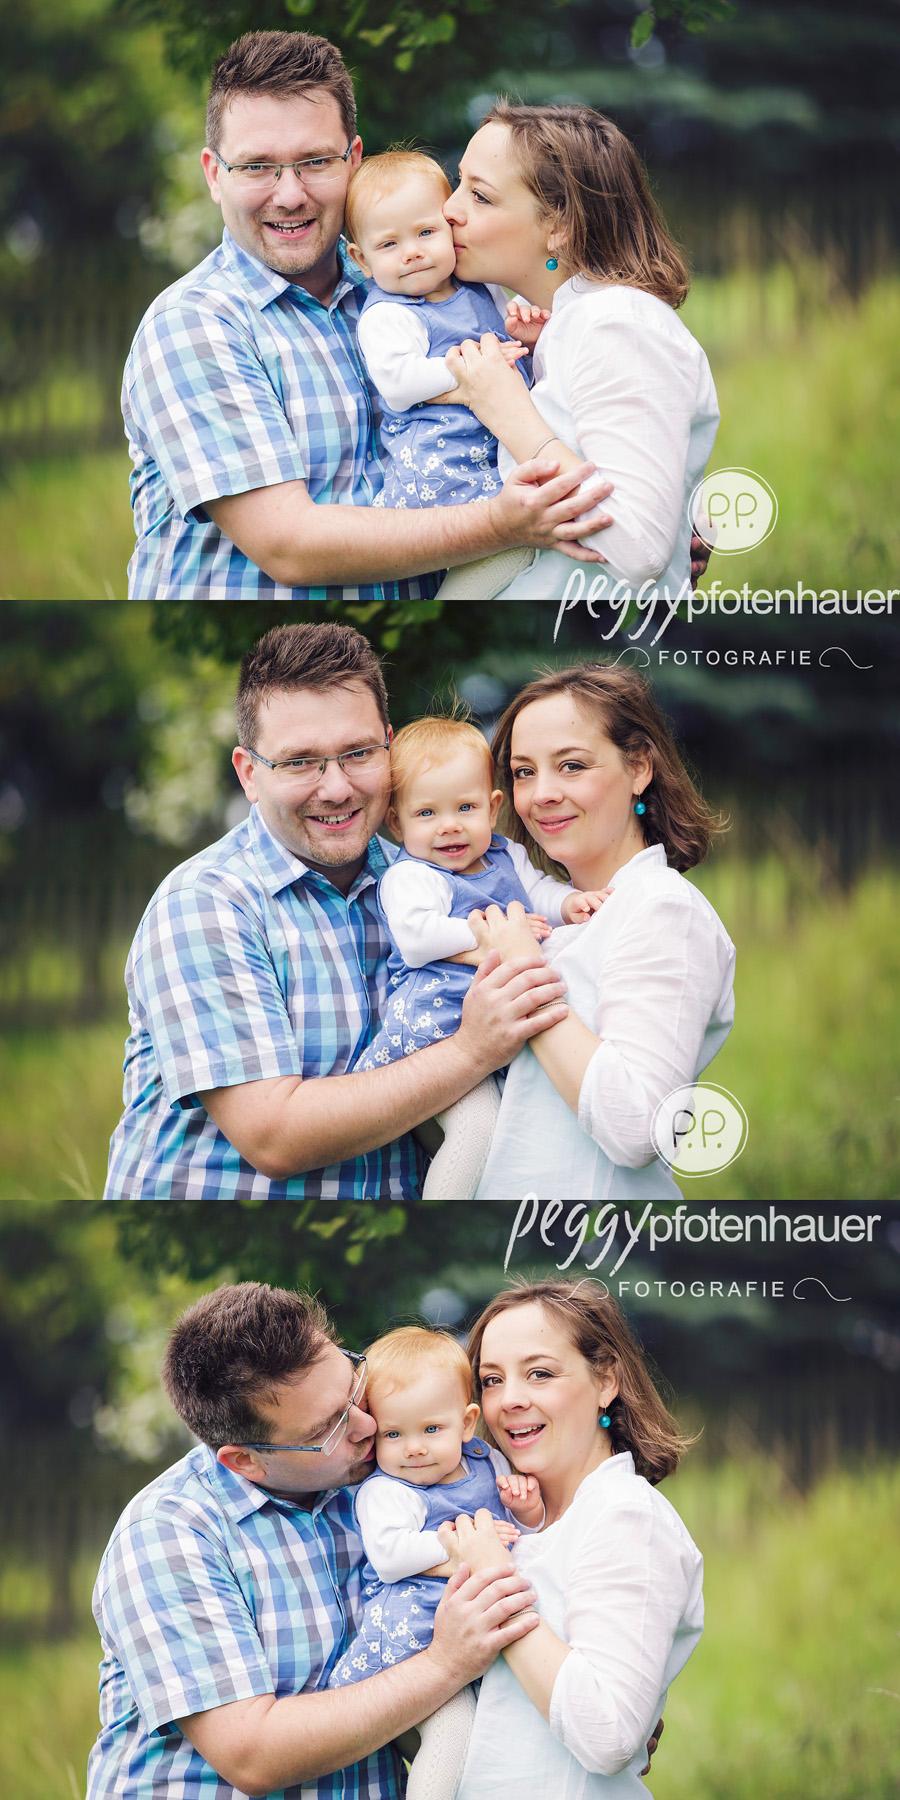 Familienfotos Bamberg, natürliche Familienfotos Franken, natürliche Familienfotos Bayreuth, natürliche Familienbilder Bamberg